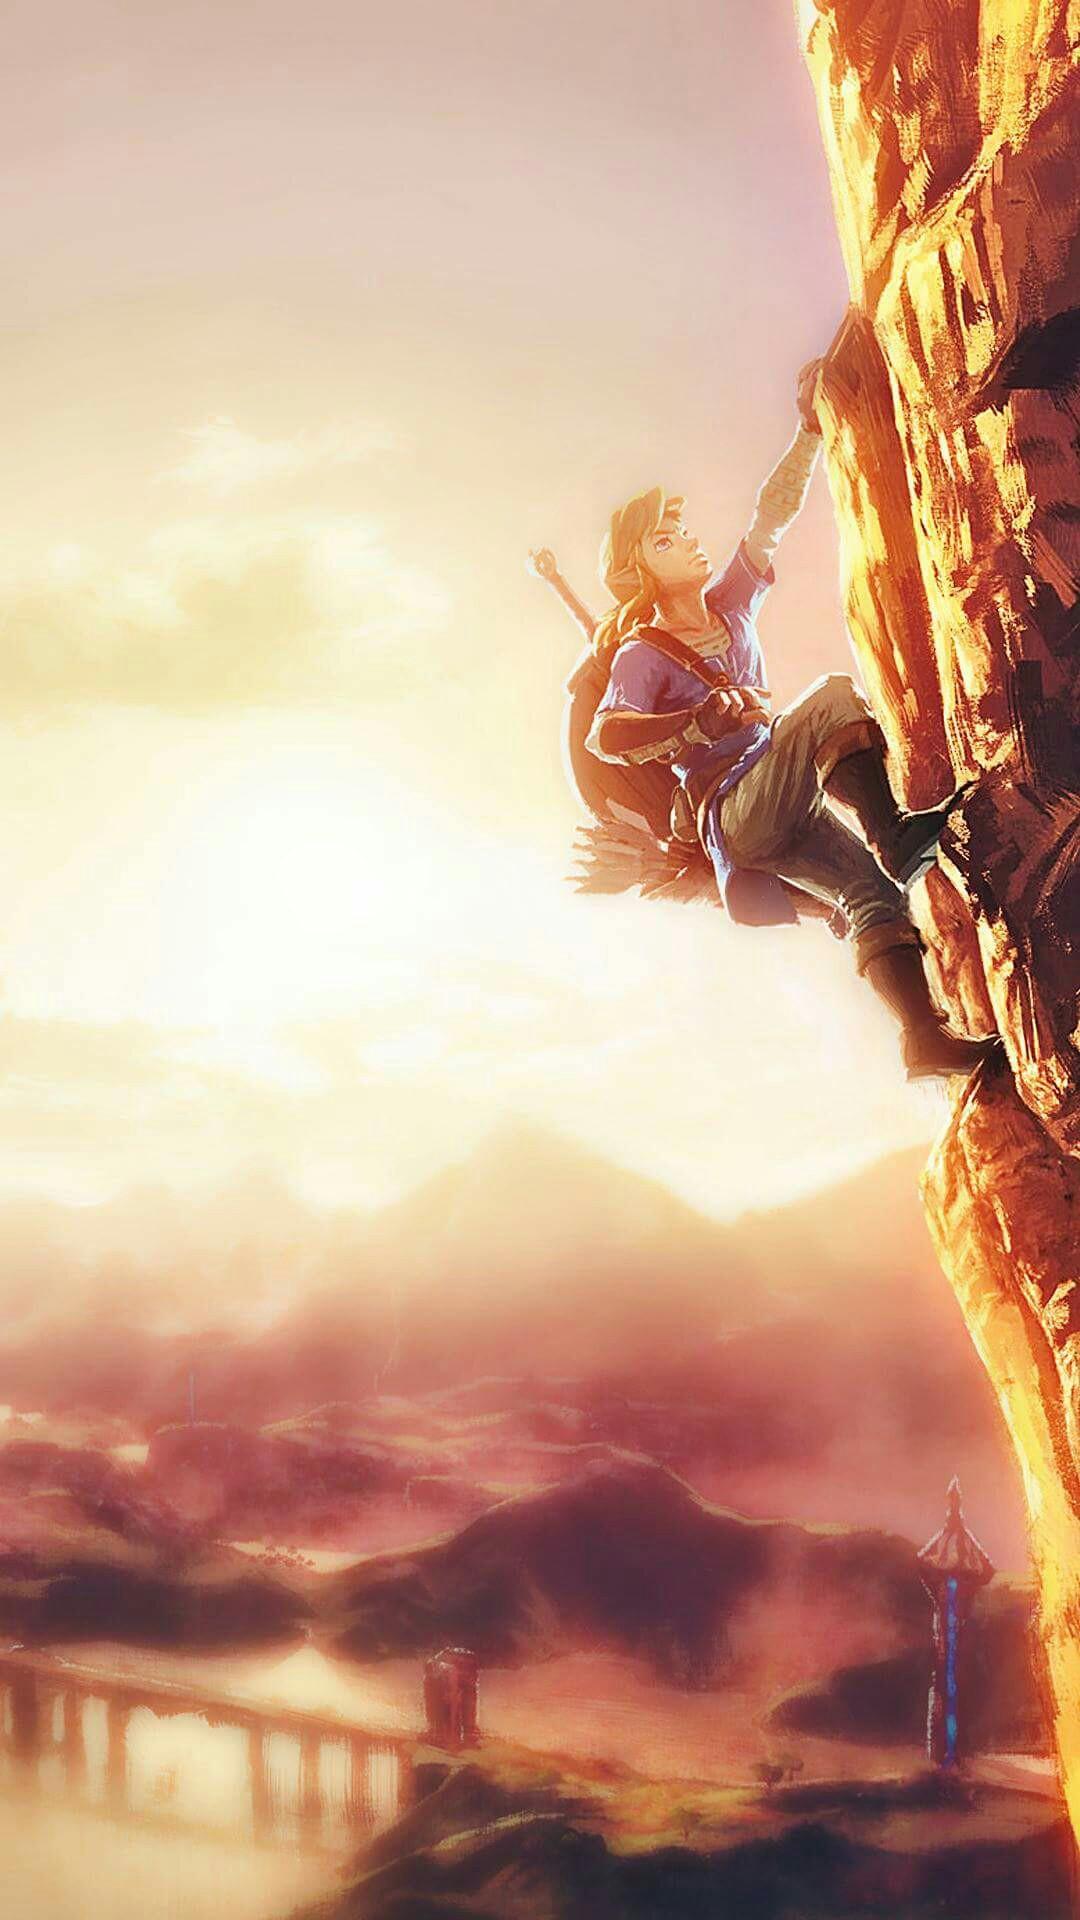 Legend Of Zelda Breath Of The Wild Iphone Wallpapers